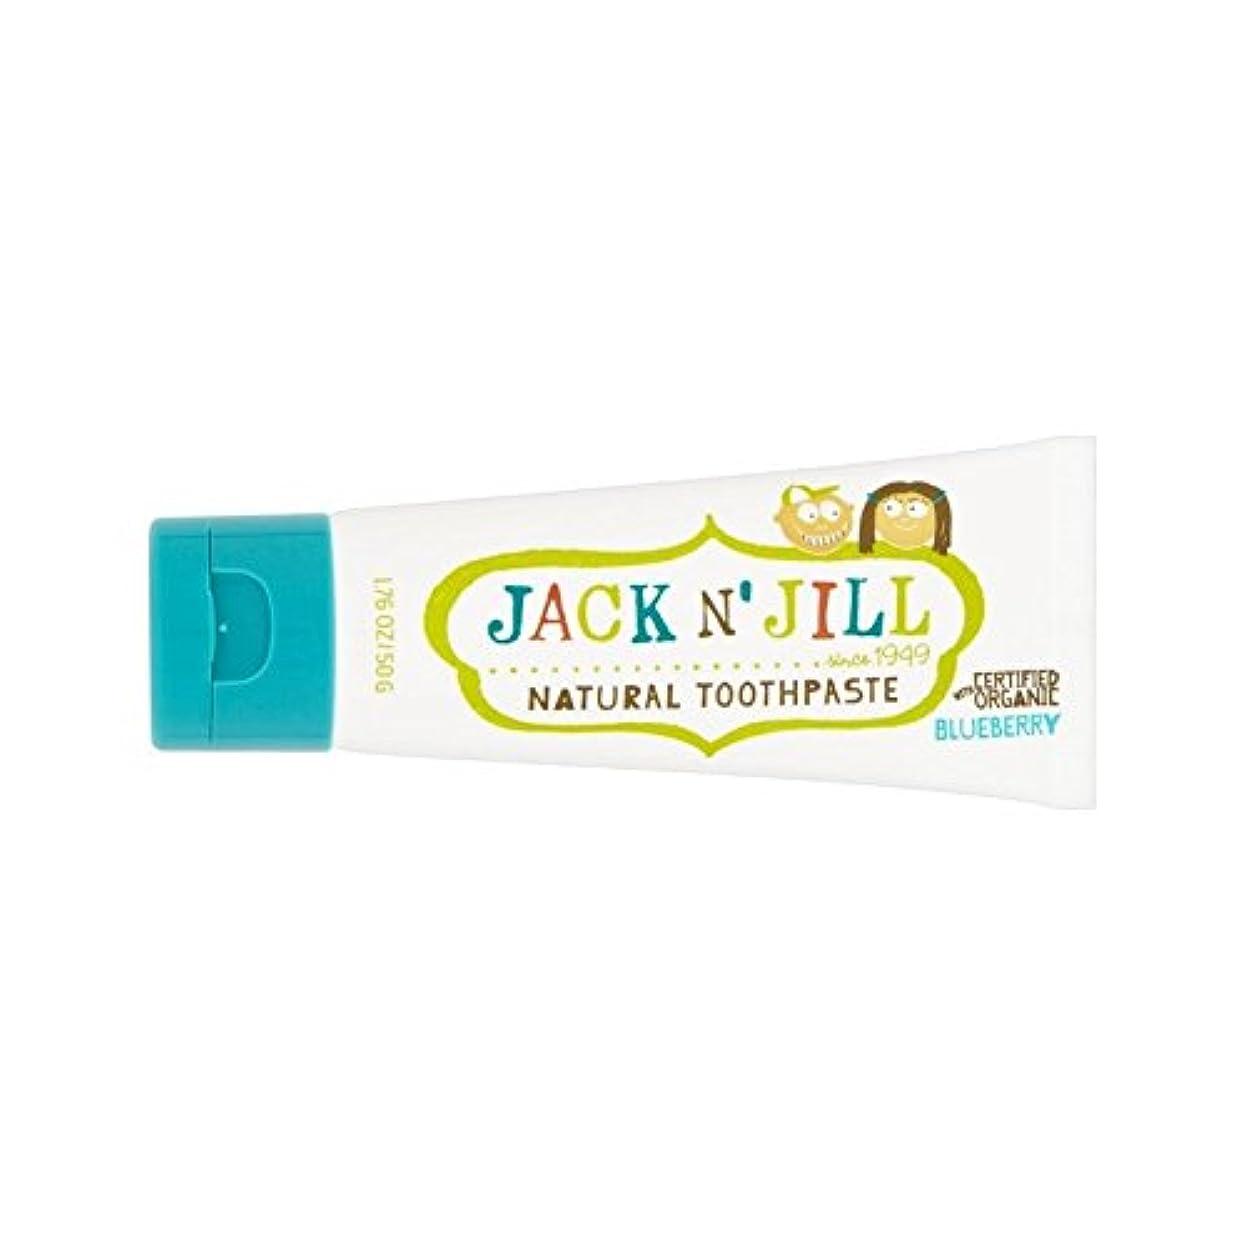 落ち込んでいる刺す検査有機香味50グラムとの自然なブルーベリー歯磨き粉 (Jack N Jill) (x 6) - Jack N' Jill Blueberry Toothpaste Natural with Organic Flavouring 50g (Pack of 6) [並行輸入品]